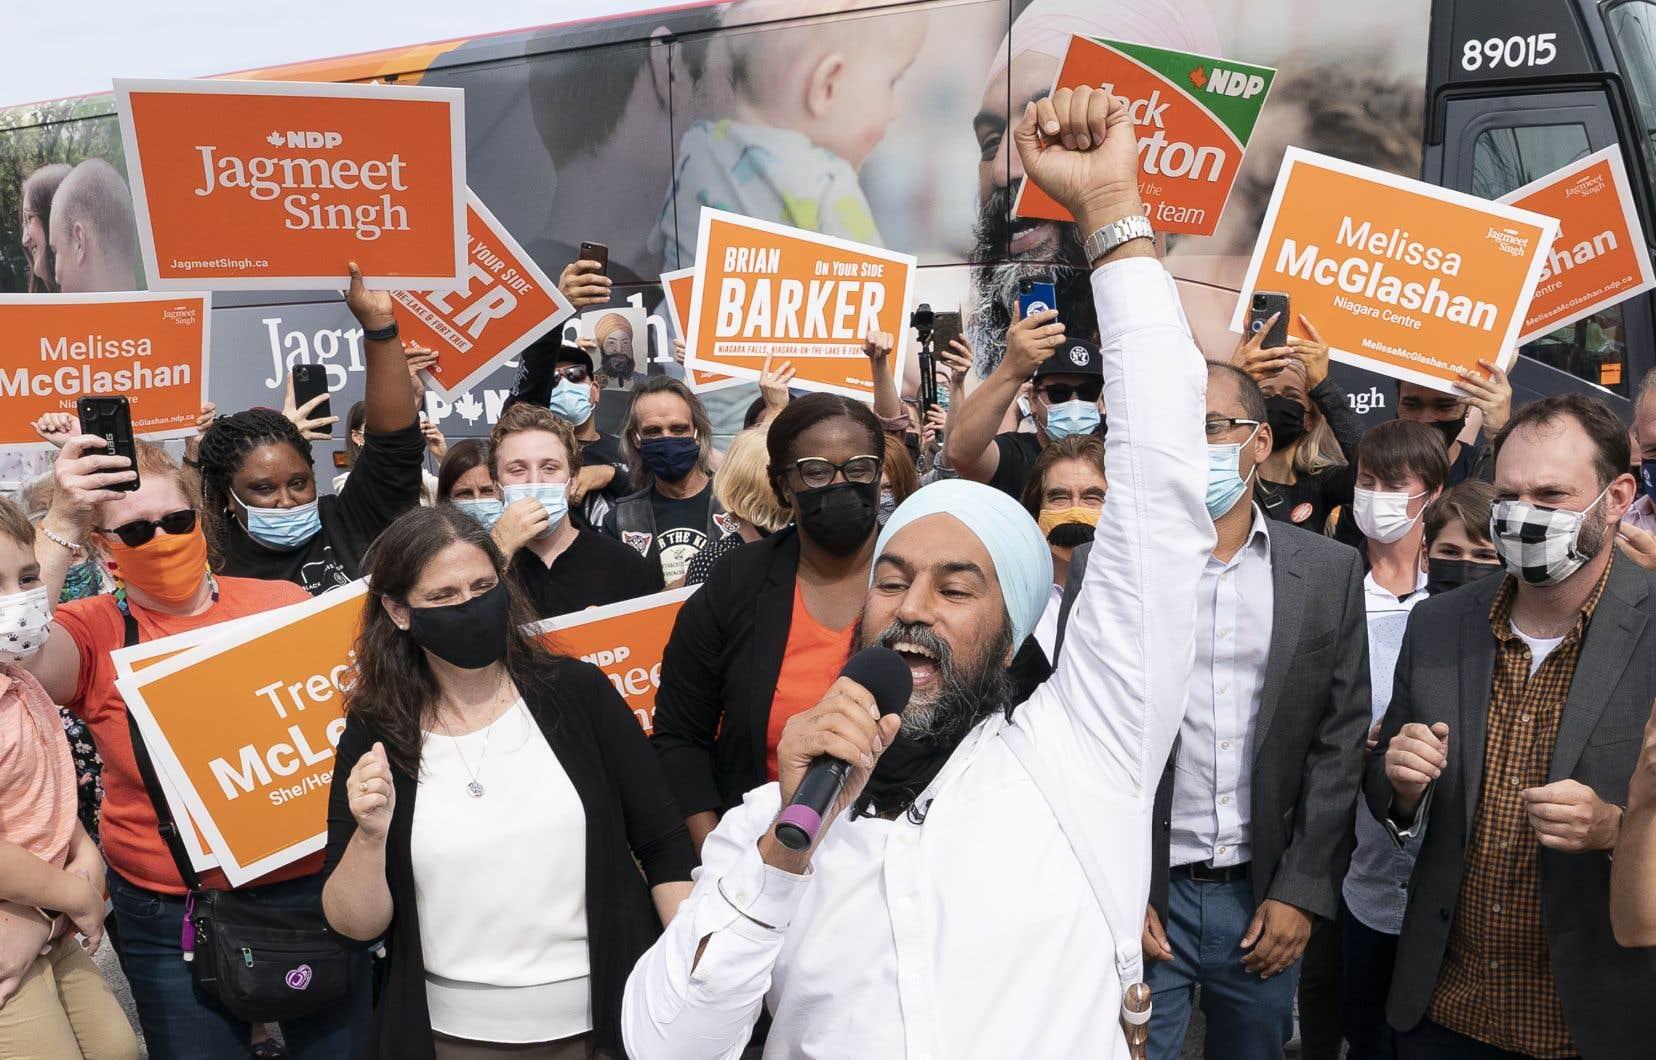 Lorsqu'on lui a demandé mardi si les candidats devaient démissionner à cause de propos antisémites, M.Singh a déclaré qu'il n'y avait pas de place chez les néodémocrates pour le racisme ou les préjugés.